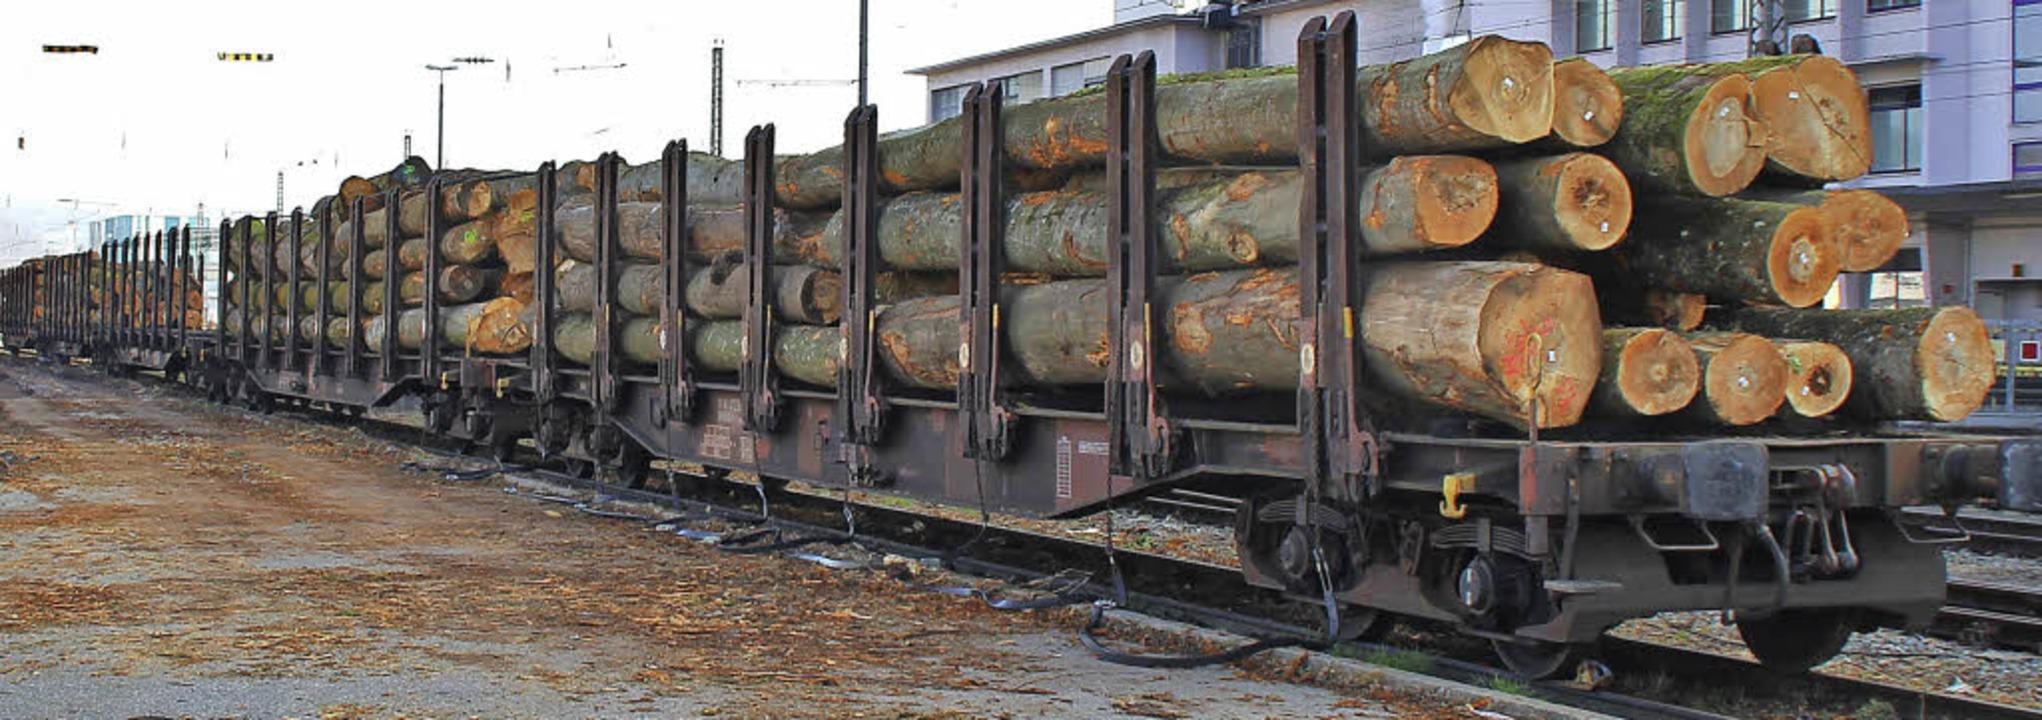 Auch am Freitagmorgen stand ein Zug ab...l waren fünf Waggons mit Holz beladen.  | Foto: Rolf Reißmann